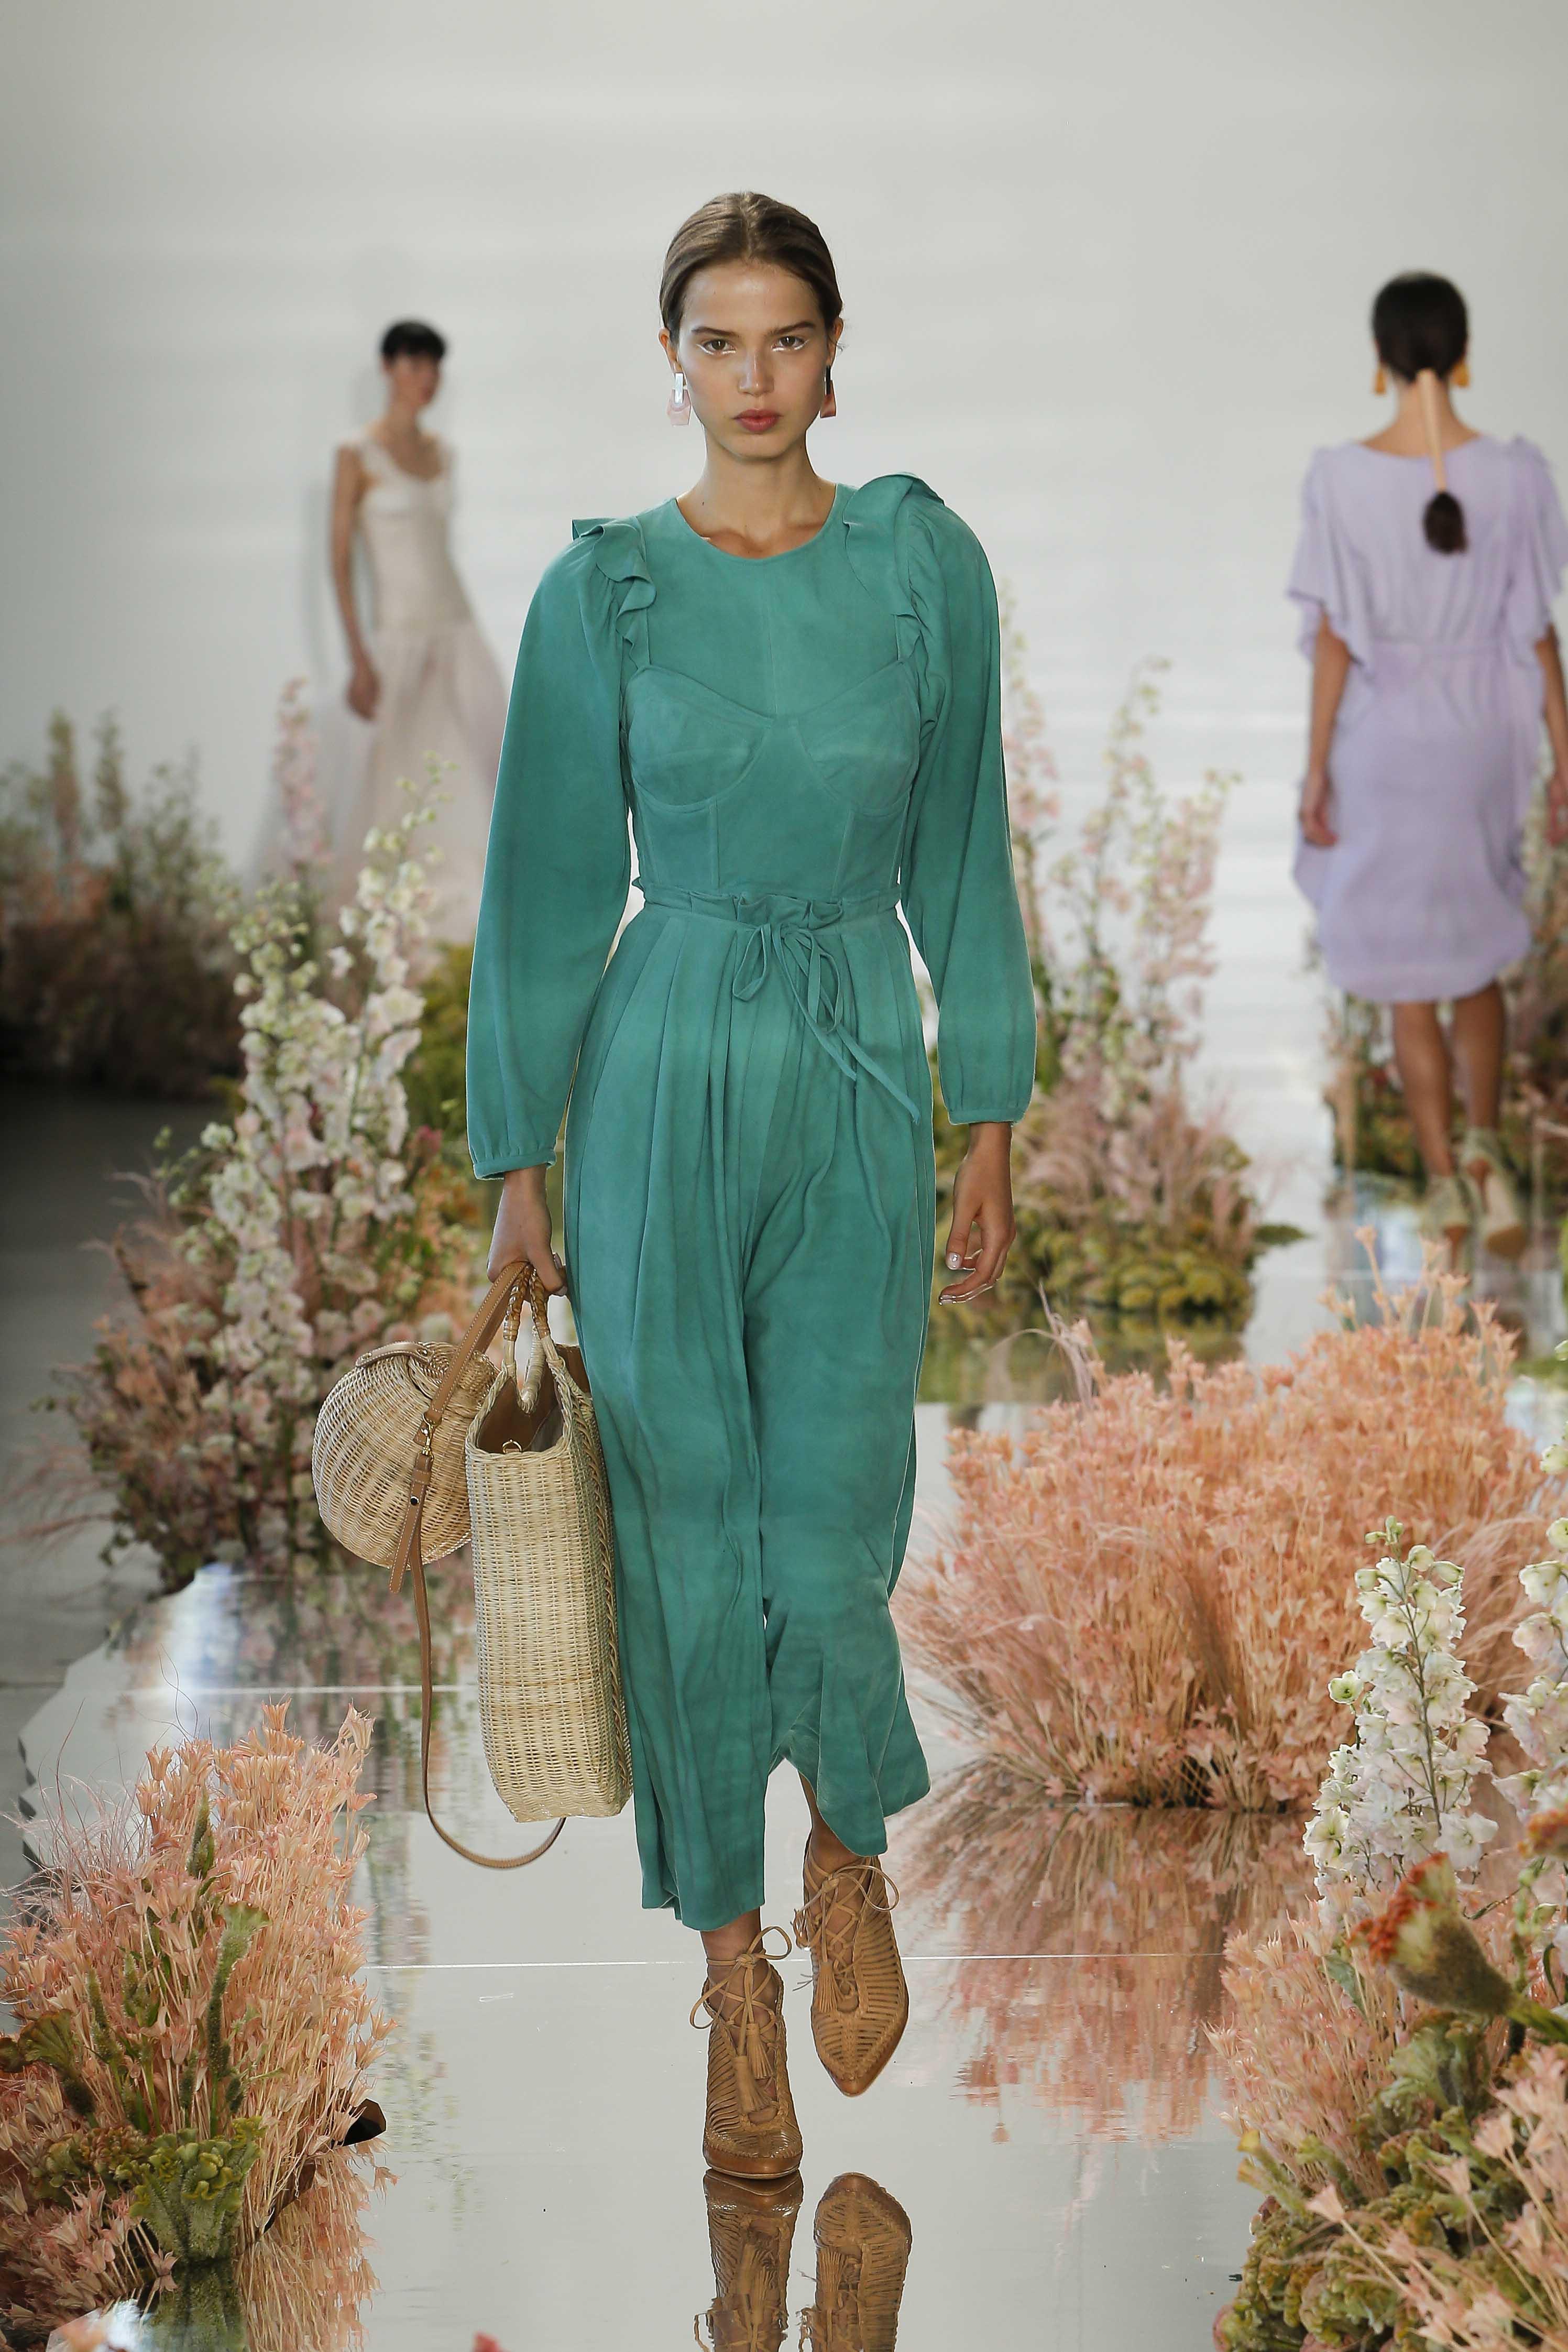 d14f4e0320 Ulla Johnson collezione Primavera/Estate 2018: l'abbigliamento come ...